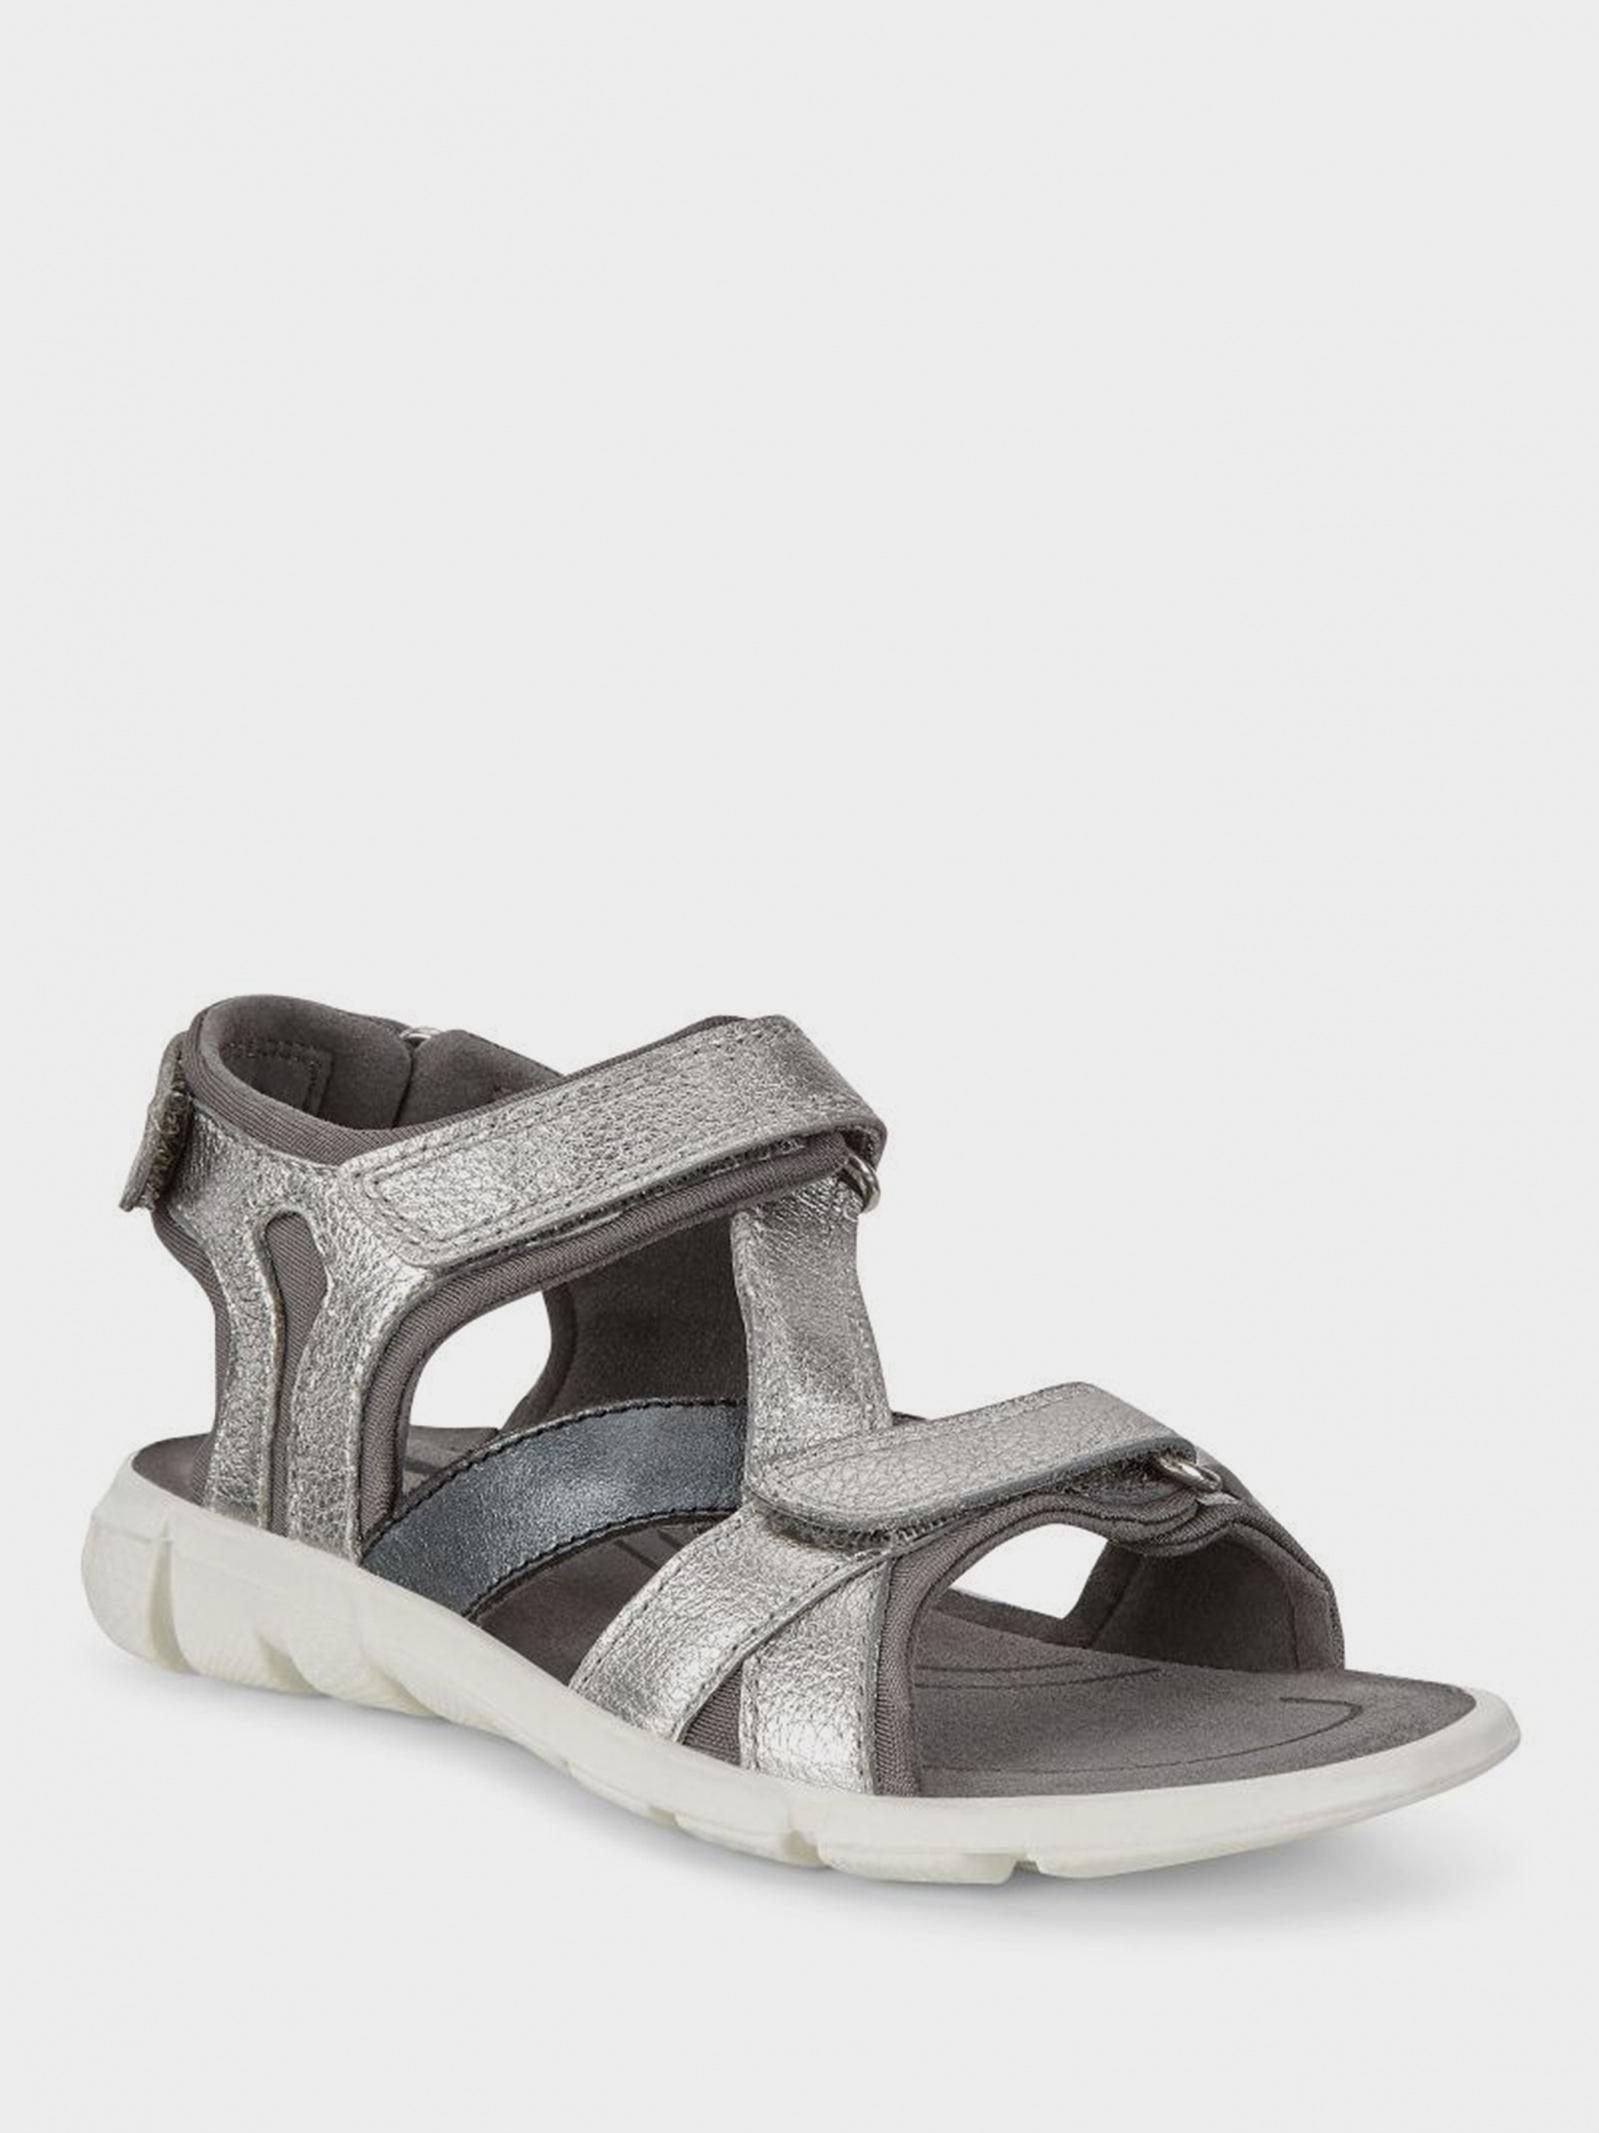 Сандалии для детей ECCO INTRINSIC SANDAL 705542(51085) модная обувь, 2017